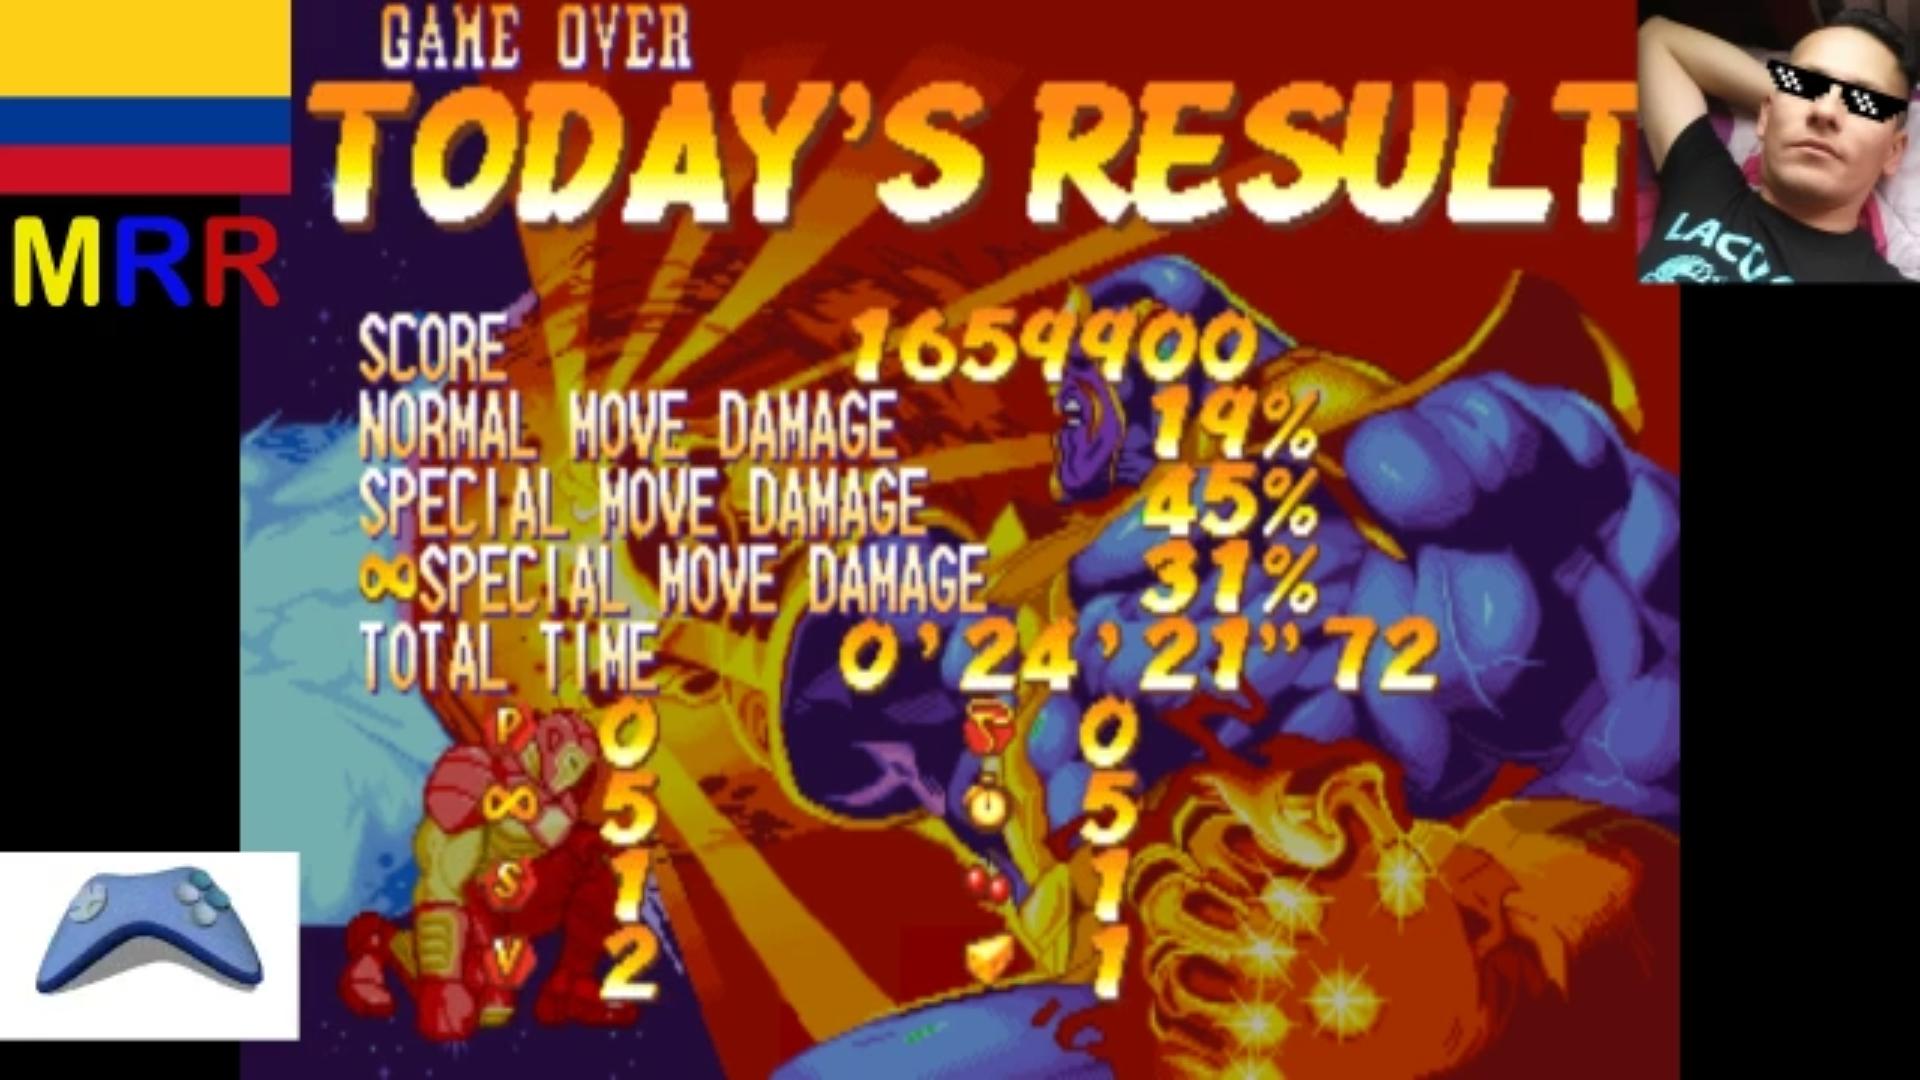 Marvel Super Heroes [msh] 1,659,900 points